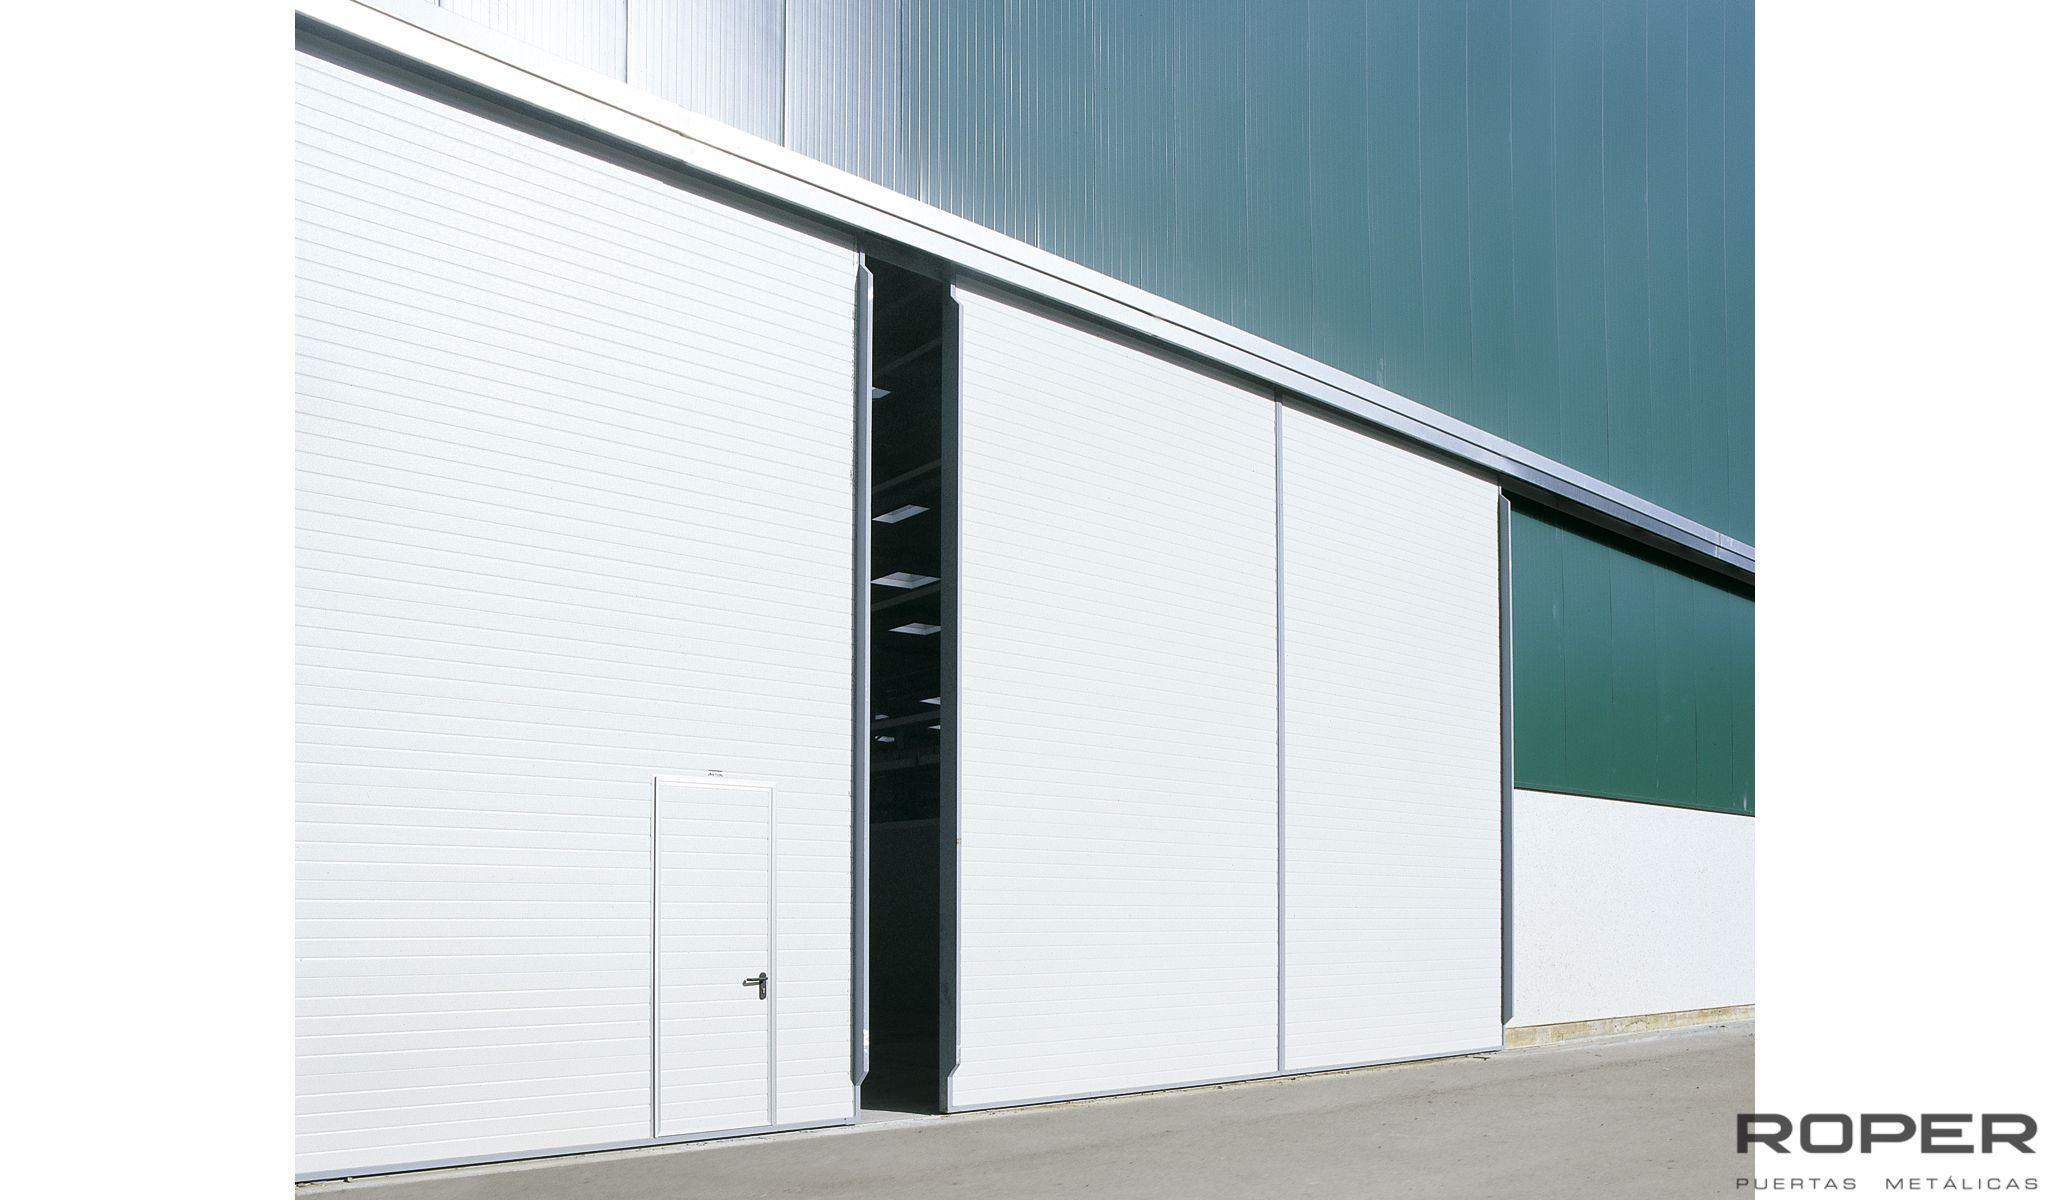 puertas corredera industrial automtica - Tipos De Puertas Correderas